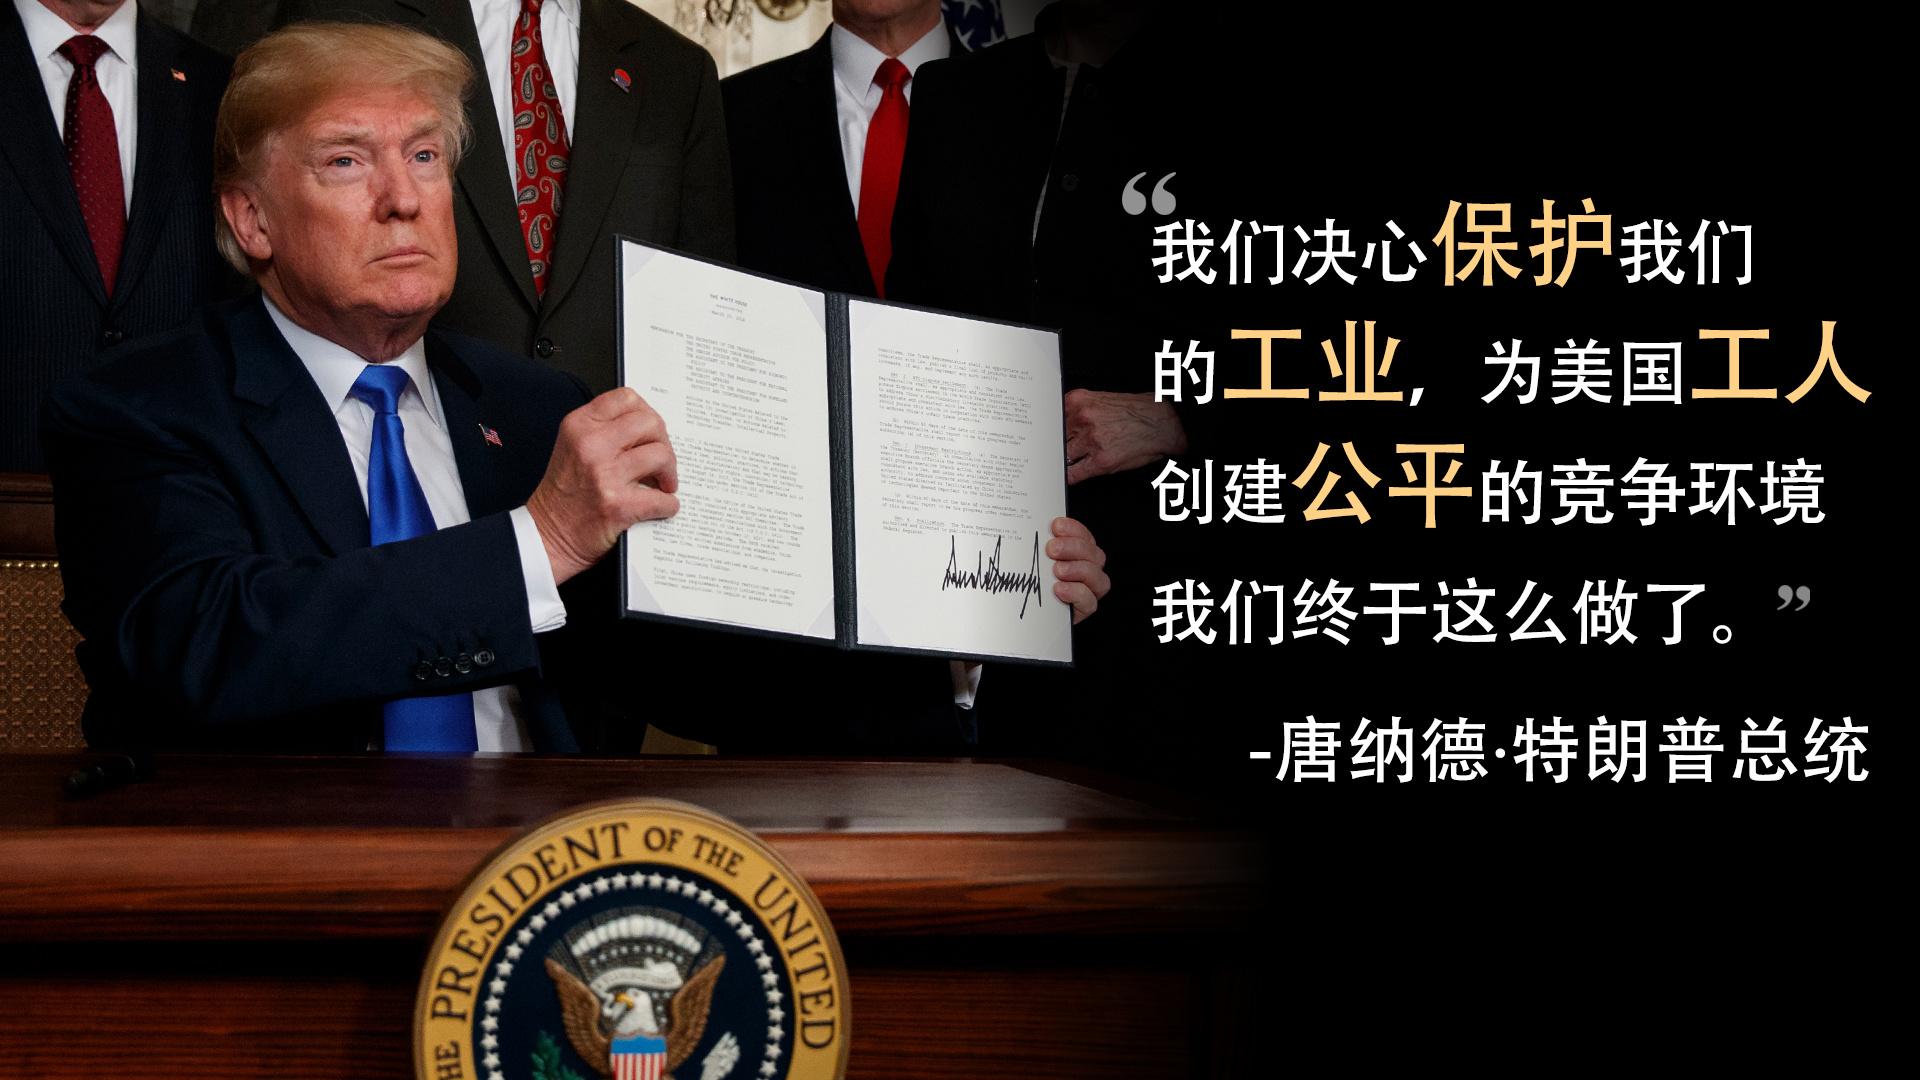 美國駐華大使館微博成網民罵戰戰場。